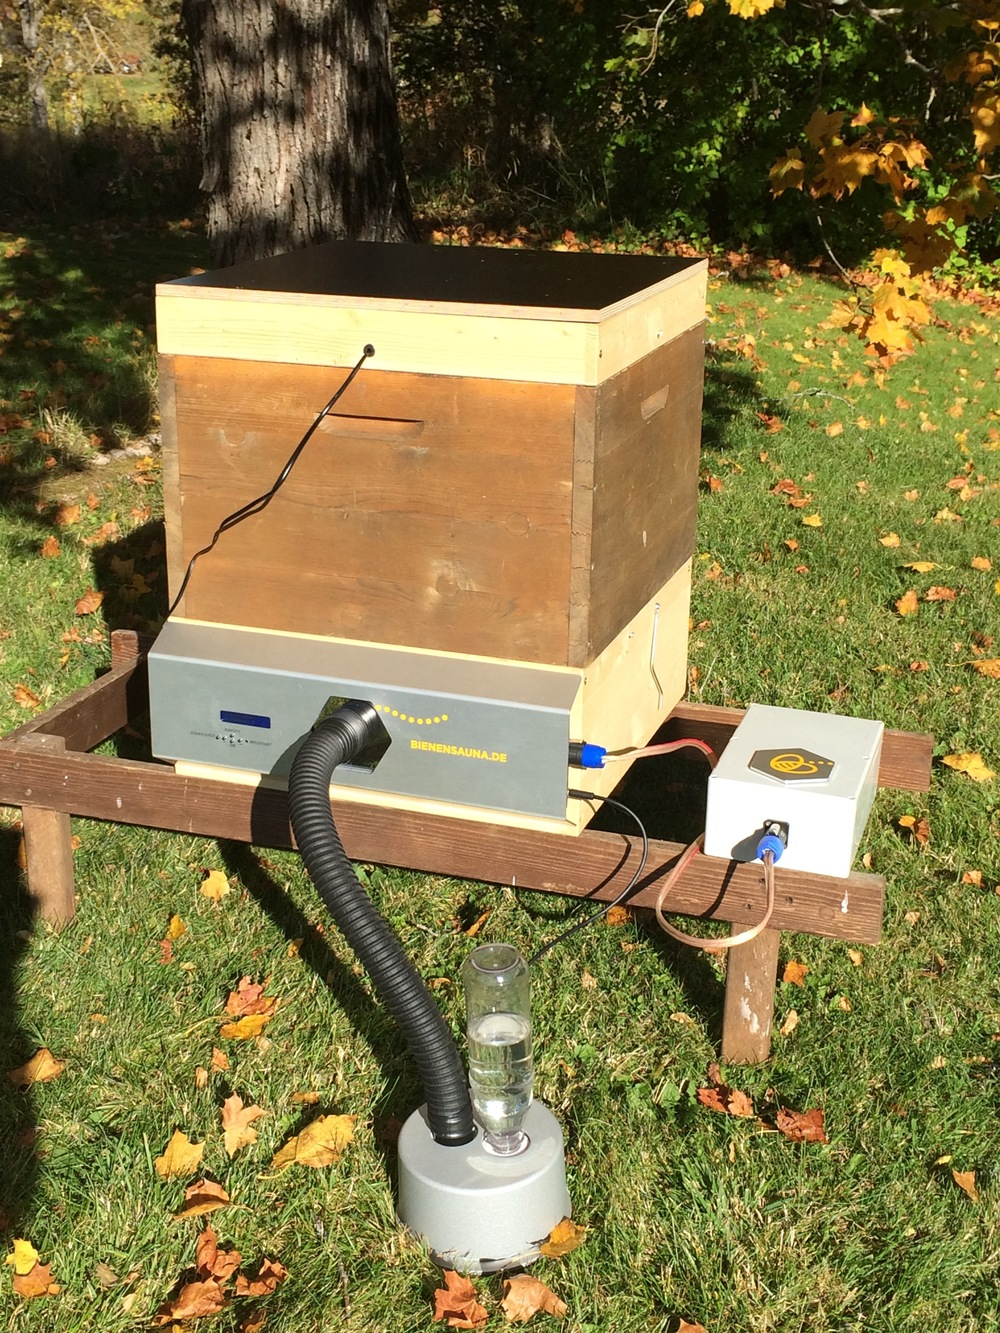 Bienensauna Komplettpaket mit Netzteil